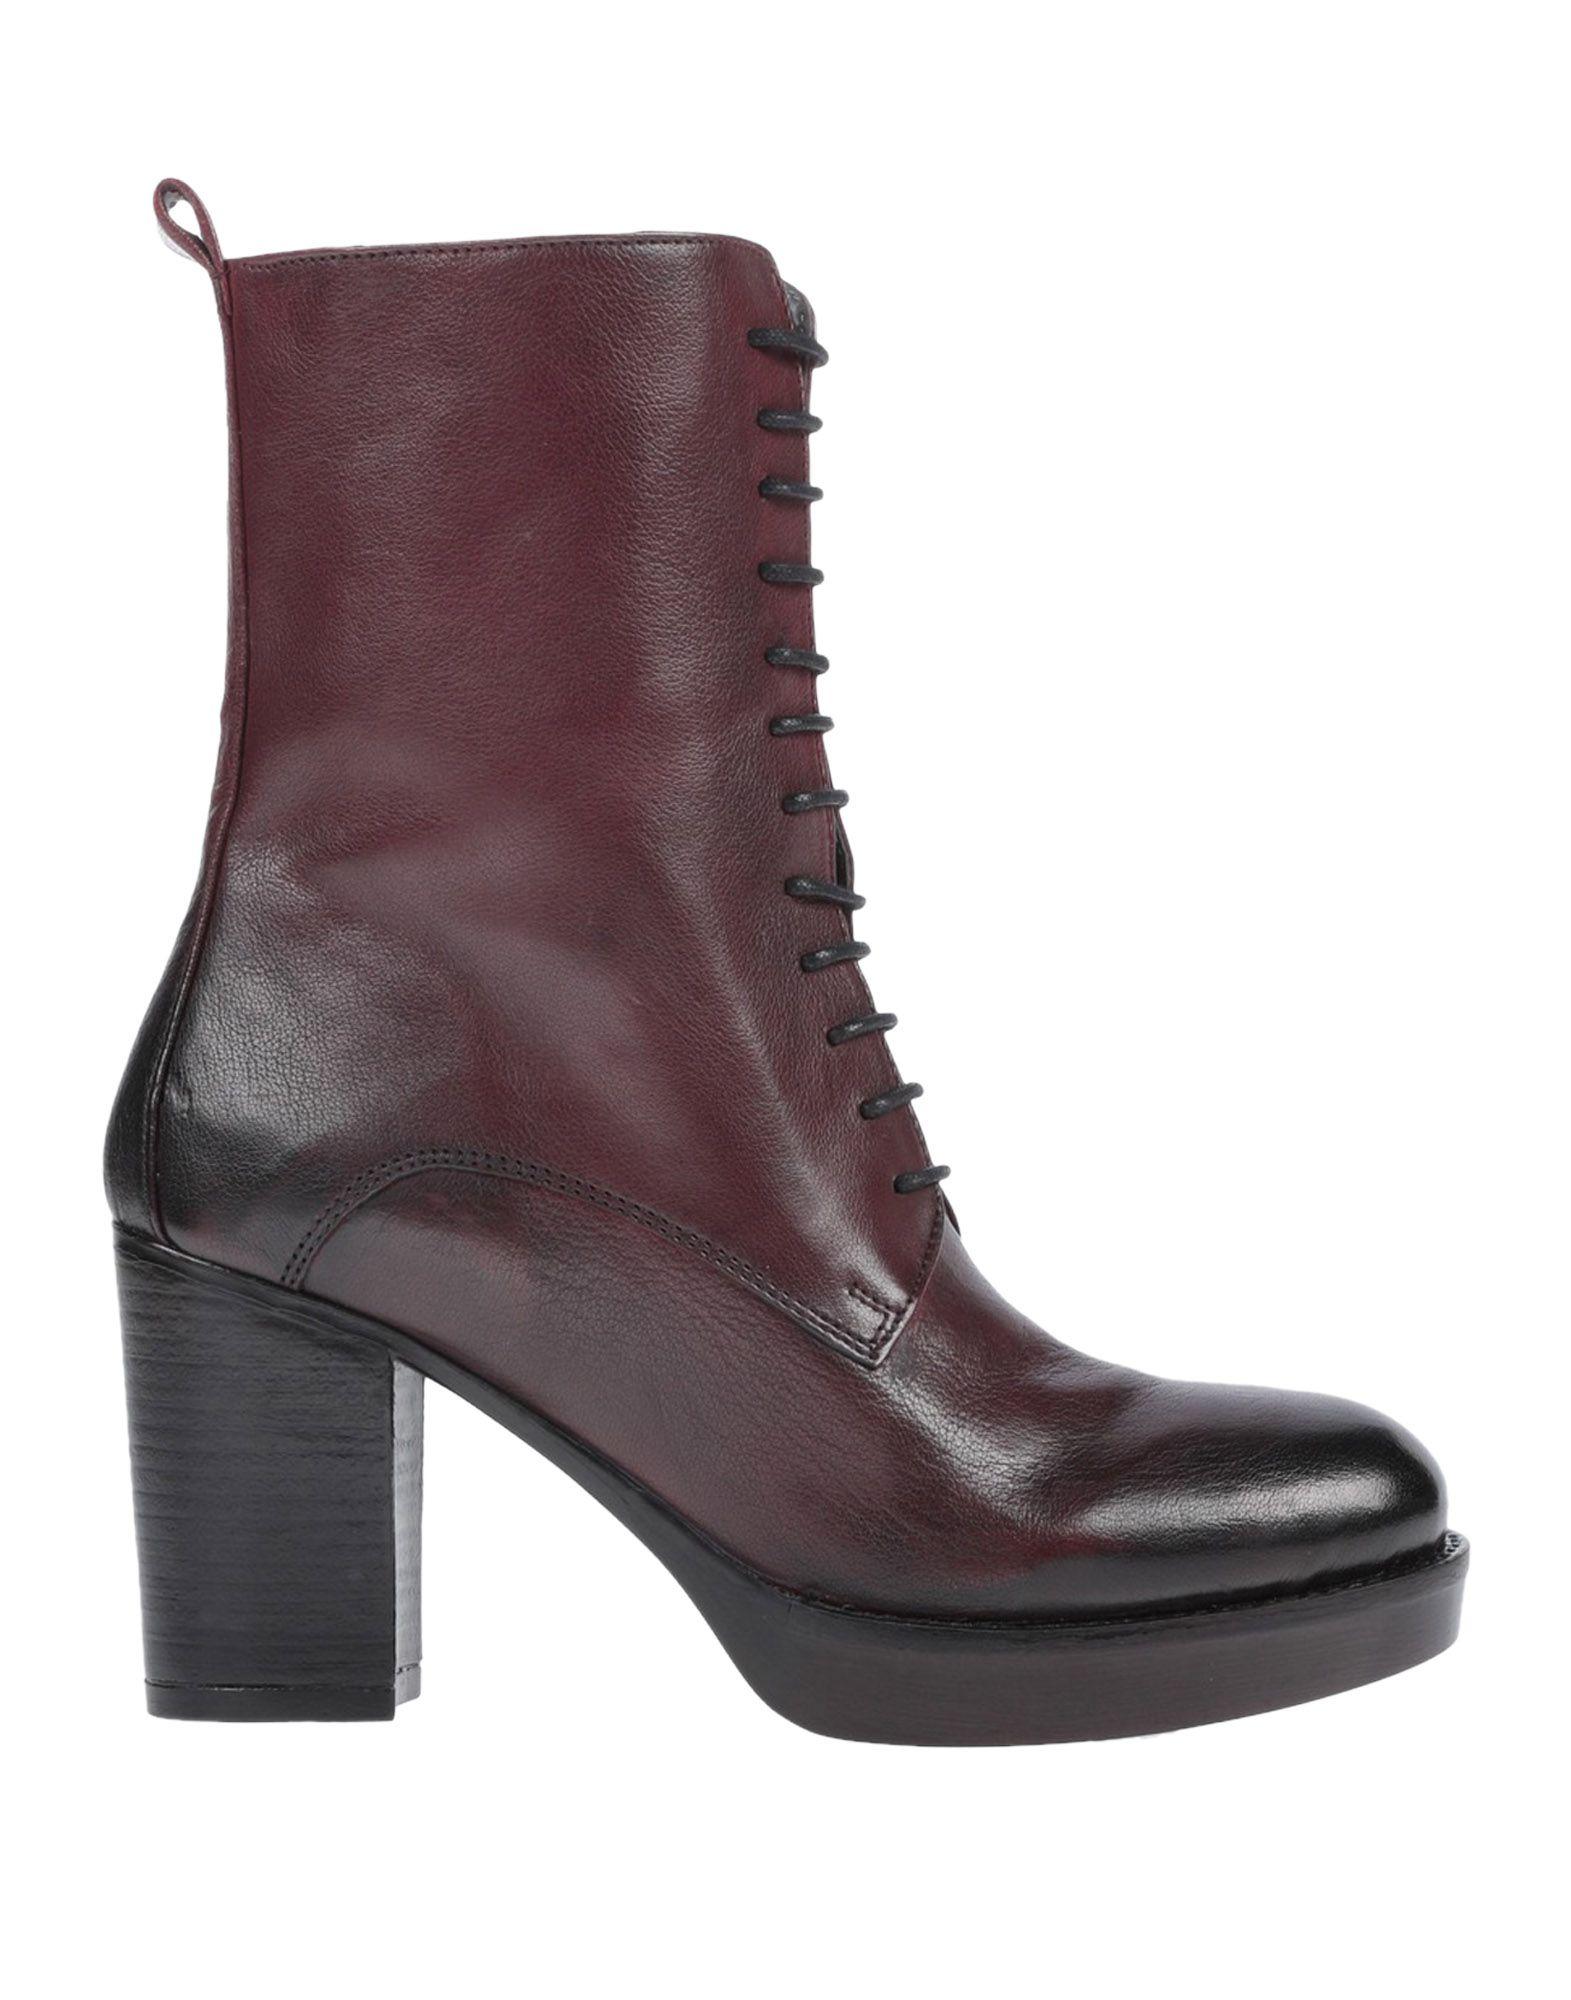 Bottine E...Vee Femme - Bottines E...Vee Noir Les chaussures les hommes plus populaires pour les hommes les et les femmes 37ce1c